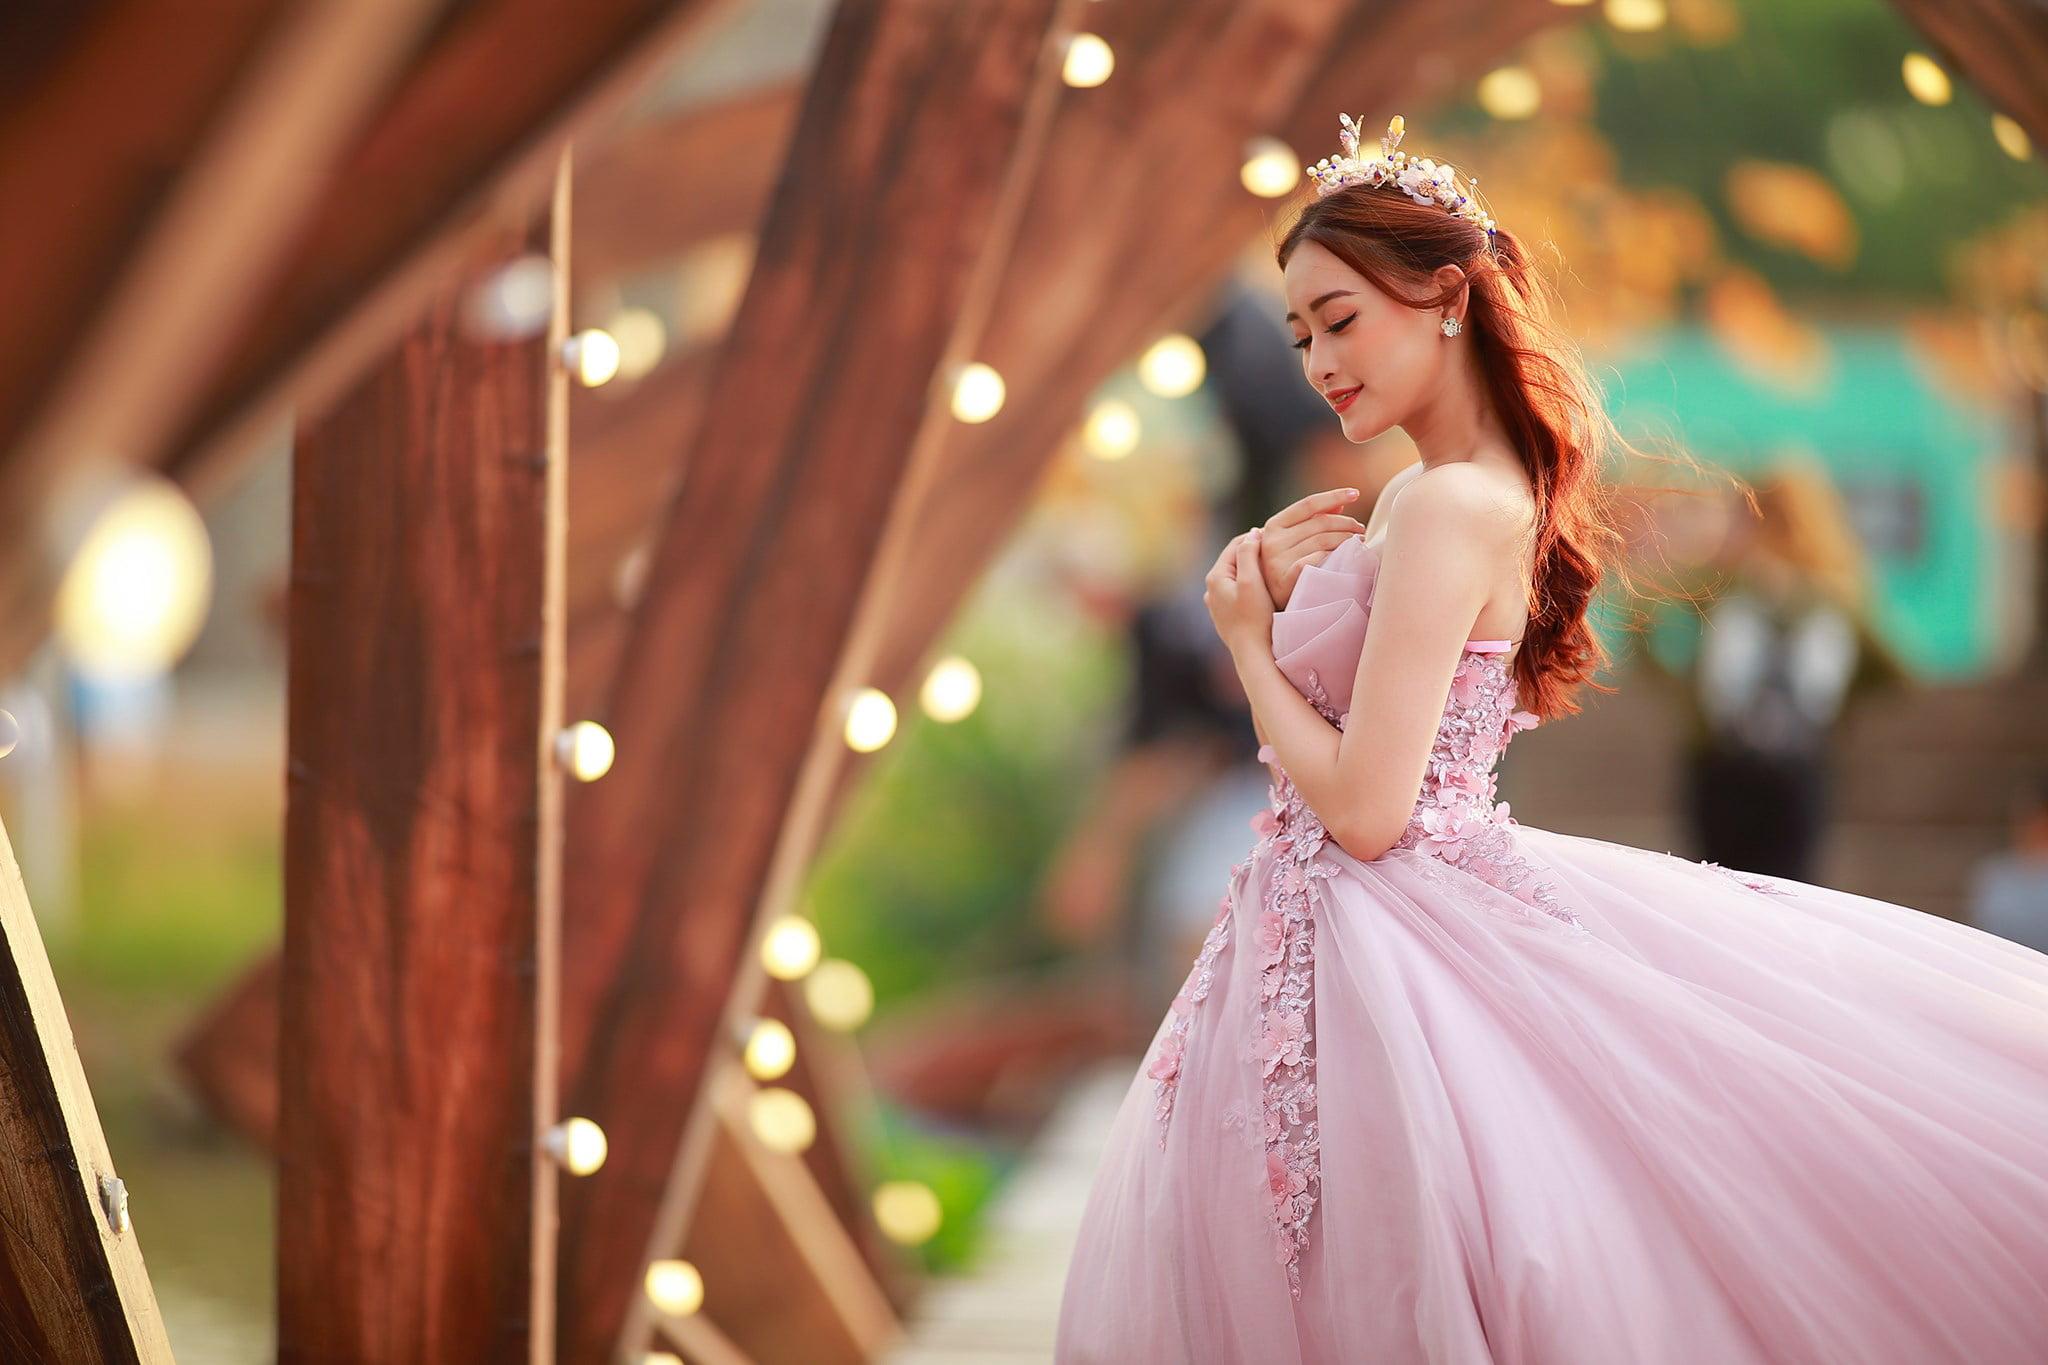 Ảnh cô dâu với mẫu váy cưới đuôi cá